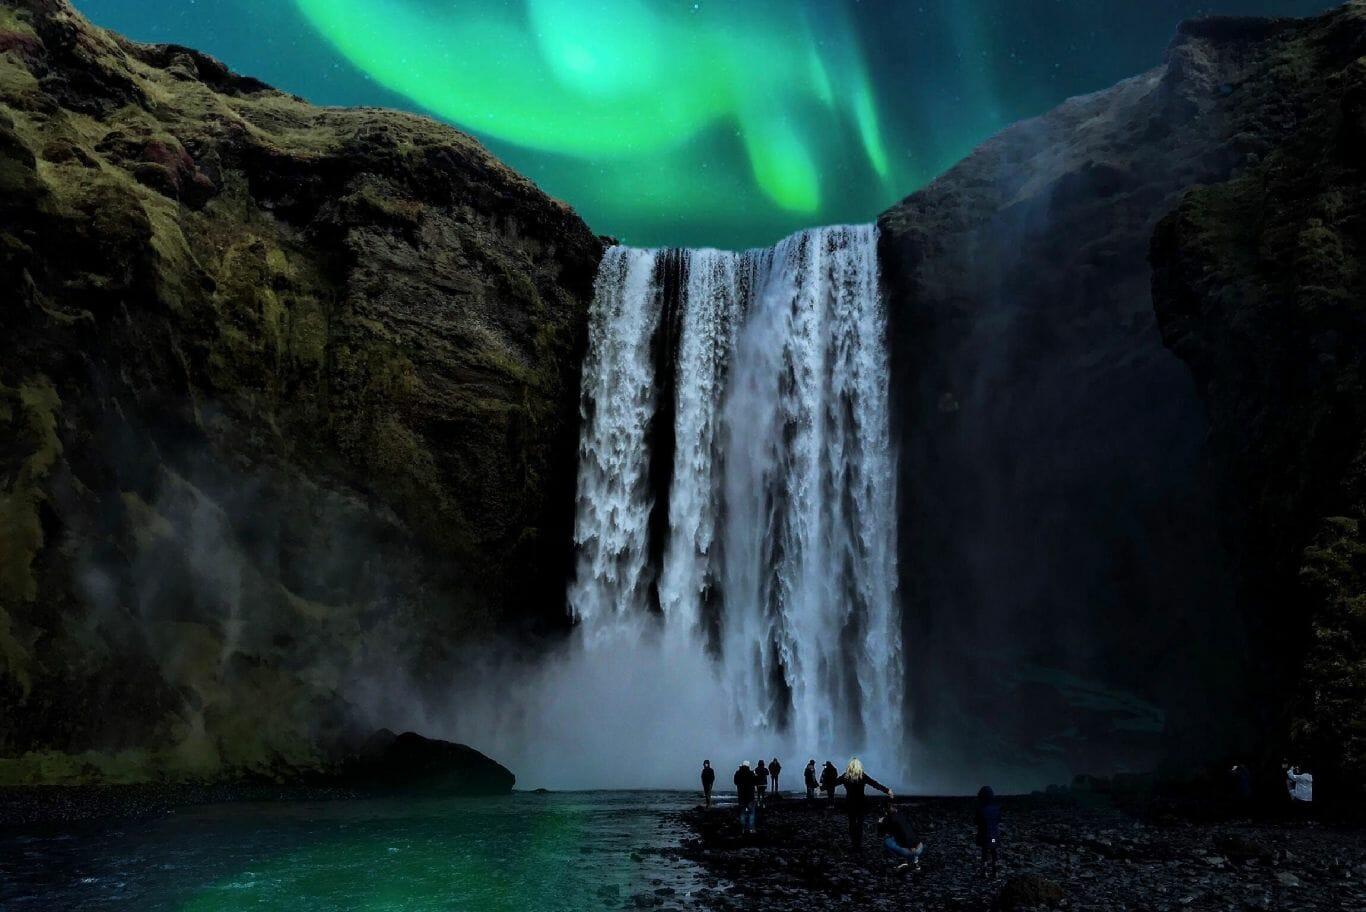 NASA aurora boreal 2